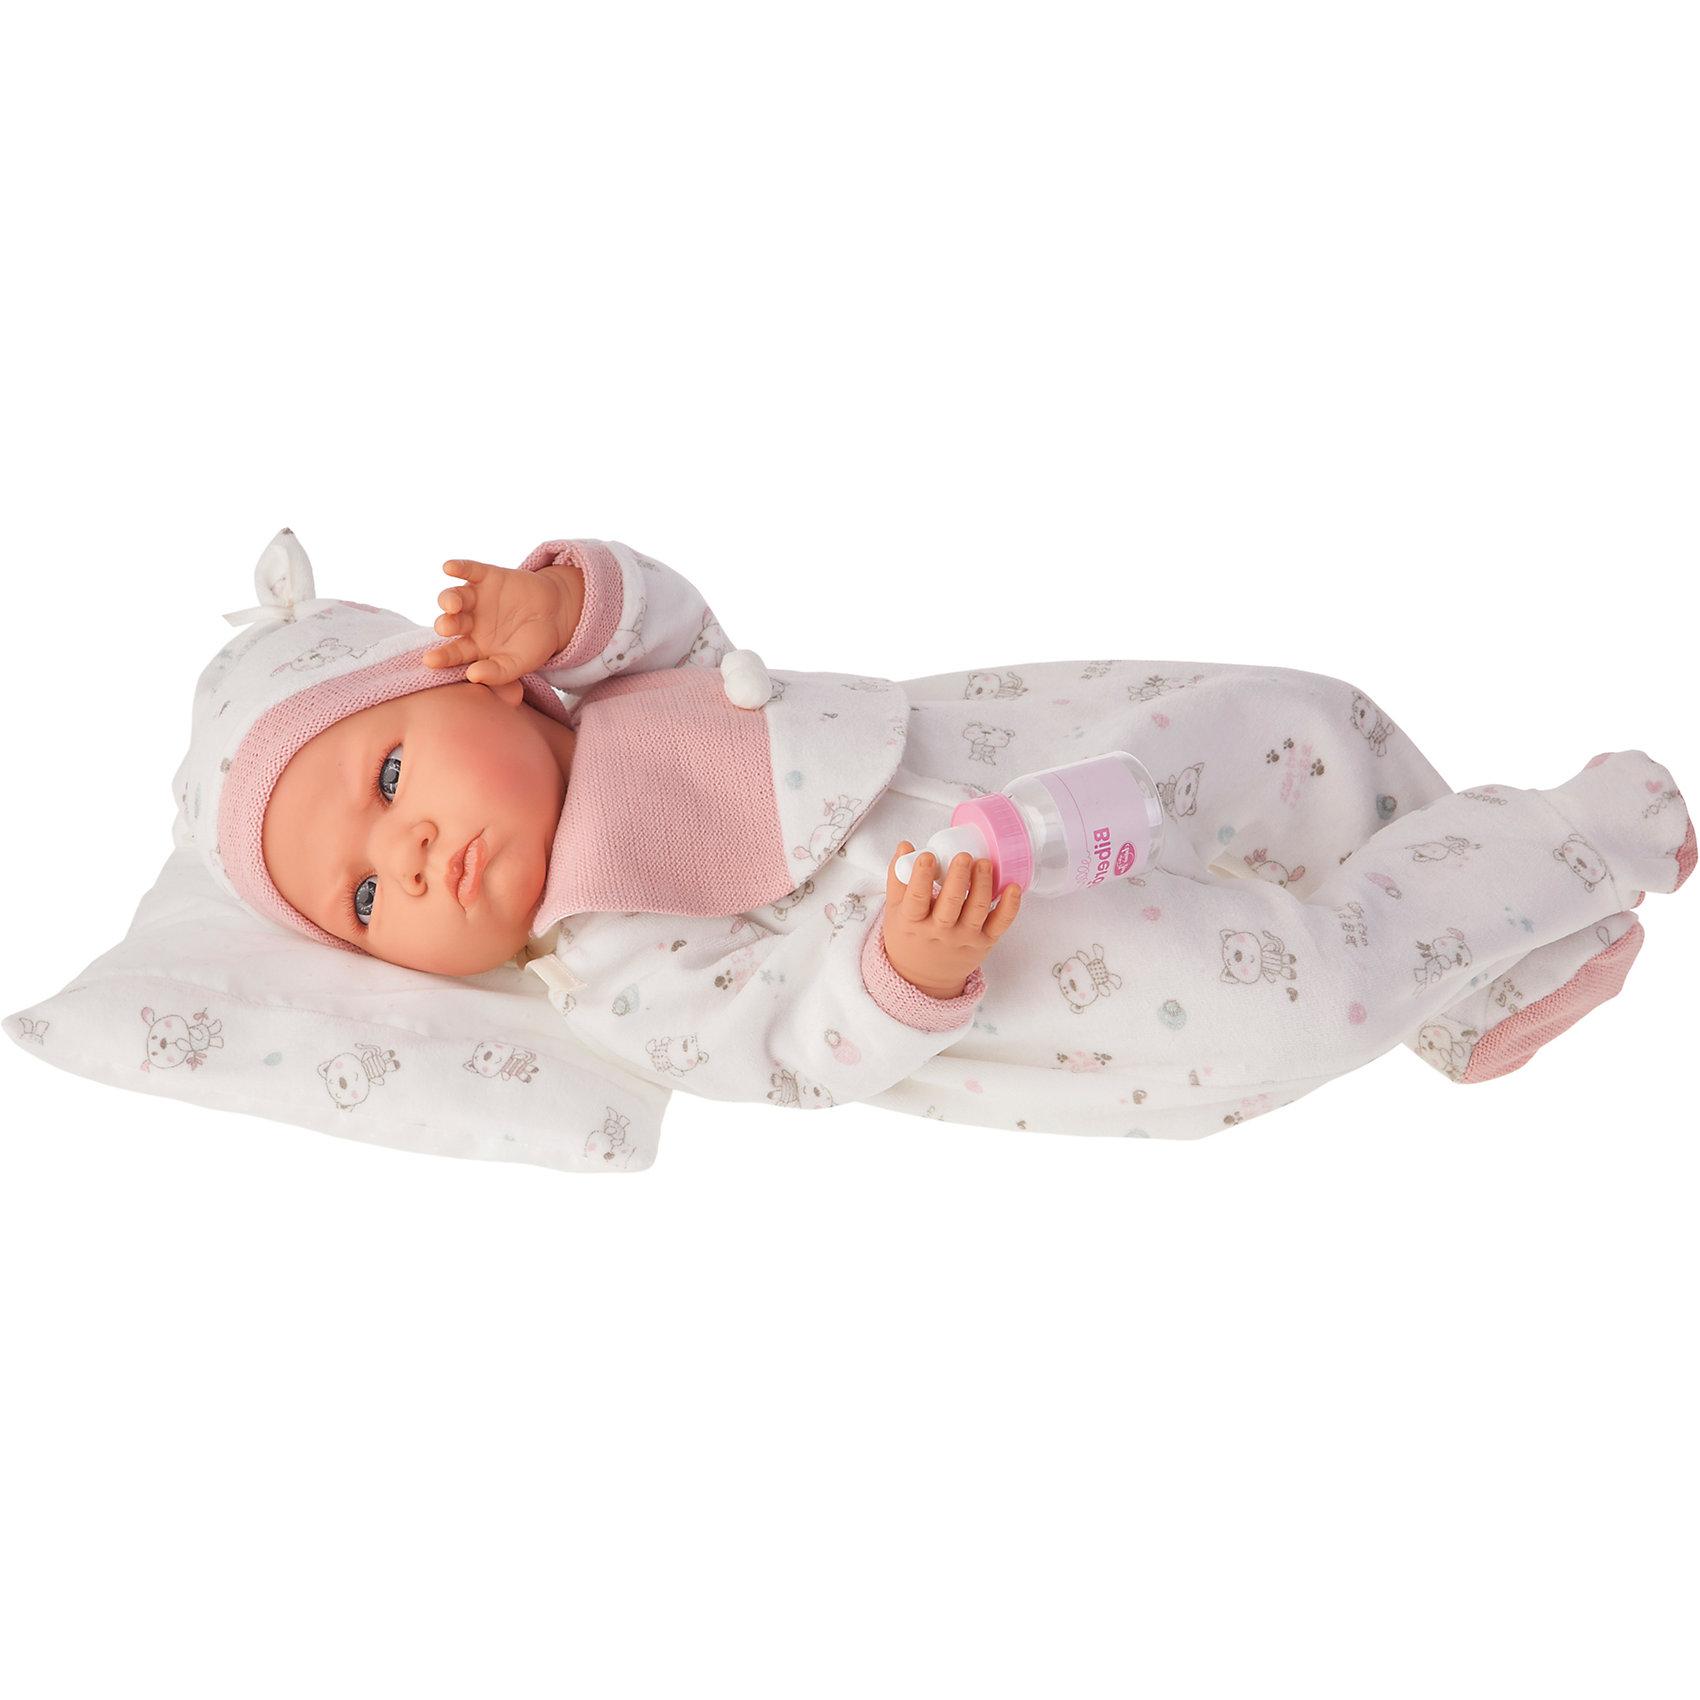 Кукла Бертина в розовом, озвученная, 52 см, Munecas Antonio JuanКукла Бертина в розовом, озвученная, 52 см, Munecas Antonio Juan (Мунекас Антонио Хуан).<br><br>Характеристики:<br><br>- Комплектация: кукла в одежде, бутылочка, подушка<br>- Материал: винил, текстиль<br>- Высота куклы: 52 см.<br>- Глаза не закрываются<br>- Интерактивные функции куклы: нажмите на животик 1 раз и кукла начнет по детски лепетать<br>- Батарейки: 3 x AG13 / LR44 (входят в комплект)<br>- Упаковка: яркая подарочная коробка<br><br>Малышка Бертина невероятно похожа на настоящего младенца, совпадает даже рост (52 см). Анатомическая точность, с которой выполнена кукла, поражает! Голубые глазки, маленький носик, нежные щечки, улыбка, милые «перевязочки» на ручках и ножках придают кукле реалистичный вид и вызывают только самые положительные и добрые эмоции. Бертина одета в белый комбинезон с рисунком в виде зверушек и розовой манишкой на груди, на голове - теплая мягкая шапочка с декоративными завязочками. Одежда дополнена розовыми вязанными манжетами. В комплекте также предусмотрена бутылочка и мягкая подушечка, на которую куклу можно удобно разместить. Кукла оснащена звуковым модулем, если нажать на животик, Бертина начнет реалистично агукать, как новорождённый ребенок. Тельце у куклы мягко-набивное, голова, ручки и ножки сделаны из высококачественного винила. Голова, ручки и ножки подвижны. Кукла изготовлена из высококачественных и экологически чистых материалов, поэтому безопасна для детей любого возраста, соответствует всем нормам и требованиям к качеству детских товаров. Образы малышей Мунекас разработаны известными европейскими дизайнерами. Они натуралистичны, анатомически точны.<br><br>Куклу Бертина в розовом, озвученную, 52 см, Munecas Antonio Juan (Мунекас Антонио Хуан) можно купить в нашем интернет-магазине.<br><br>Ширина мм: 59<br>Глубина мм: 29<br>Высота мм: 14<br>Вес г: 1825<br>Возраст от месяцев: 36<br>Возраст до месяцев: 2147483647<br>Пол: Женский<br>Возраст: Детский<br>SKU: 5055414